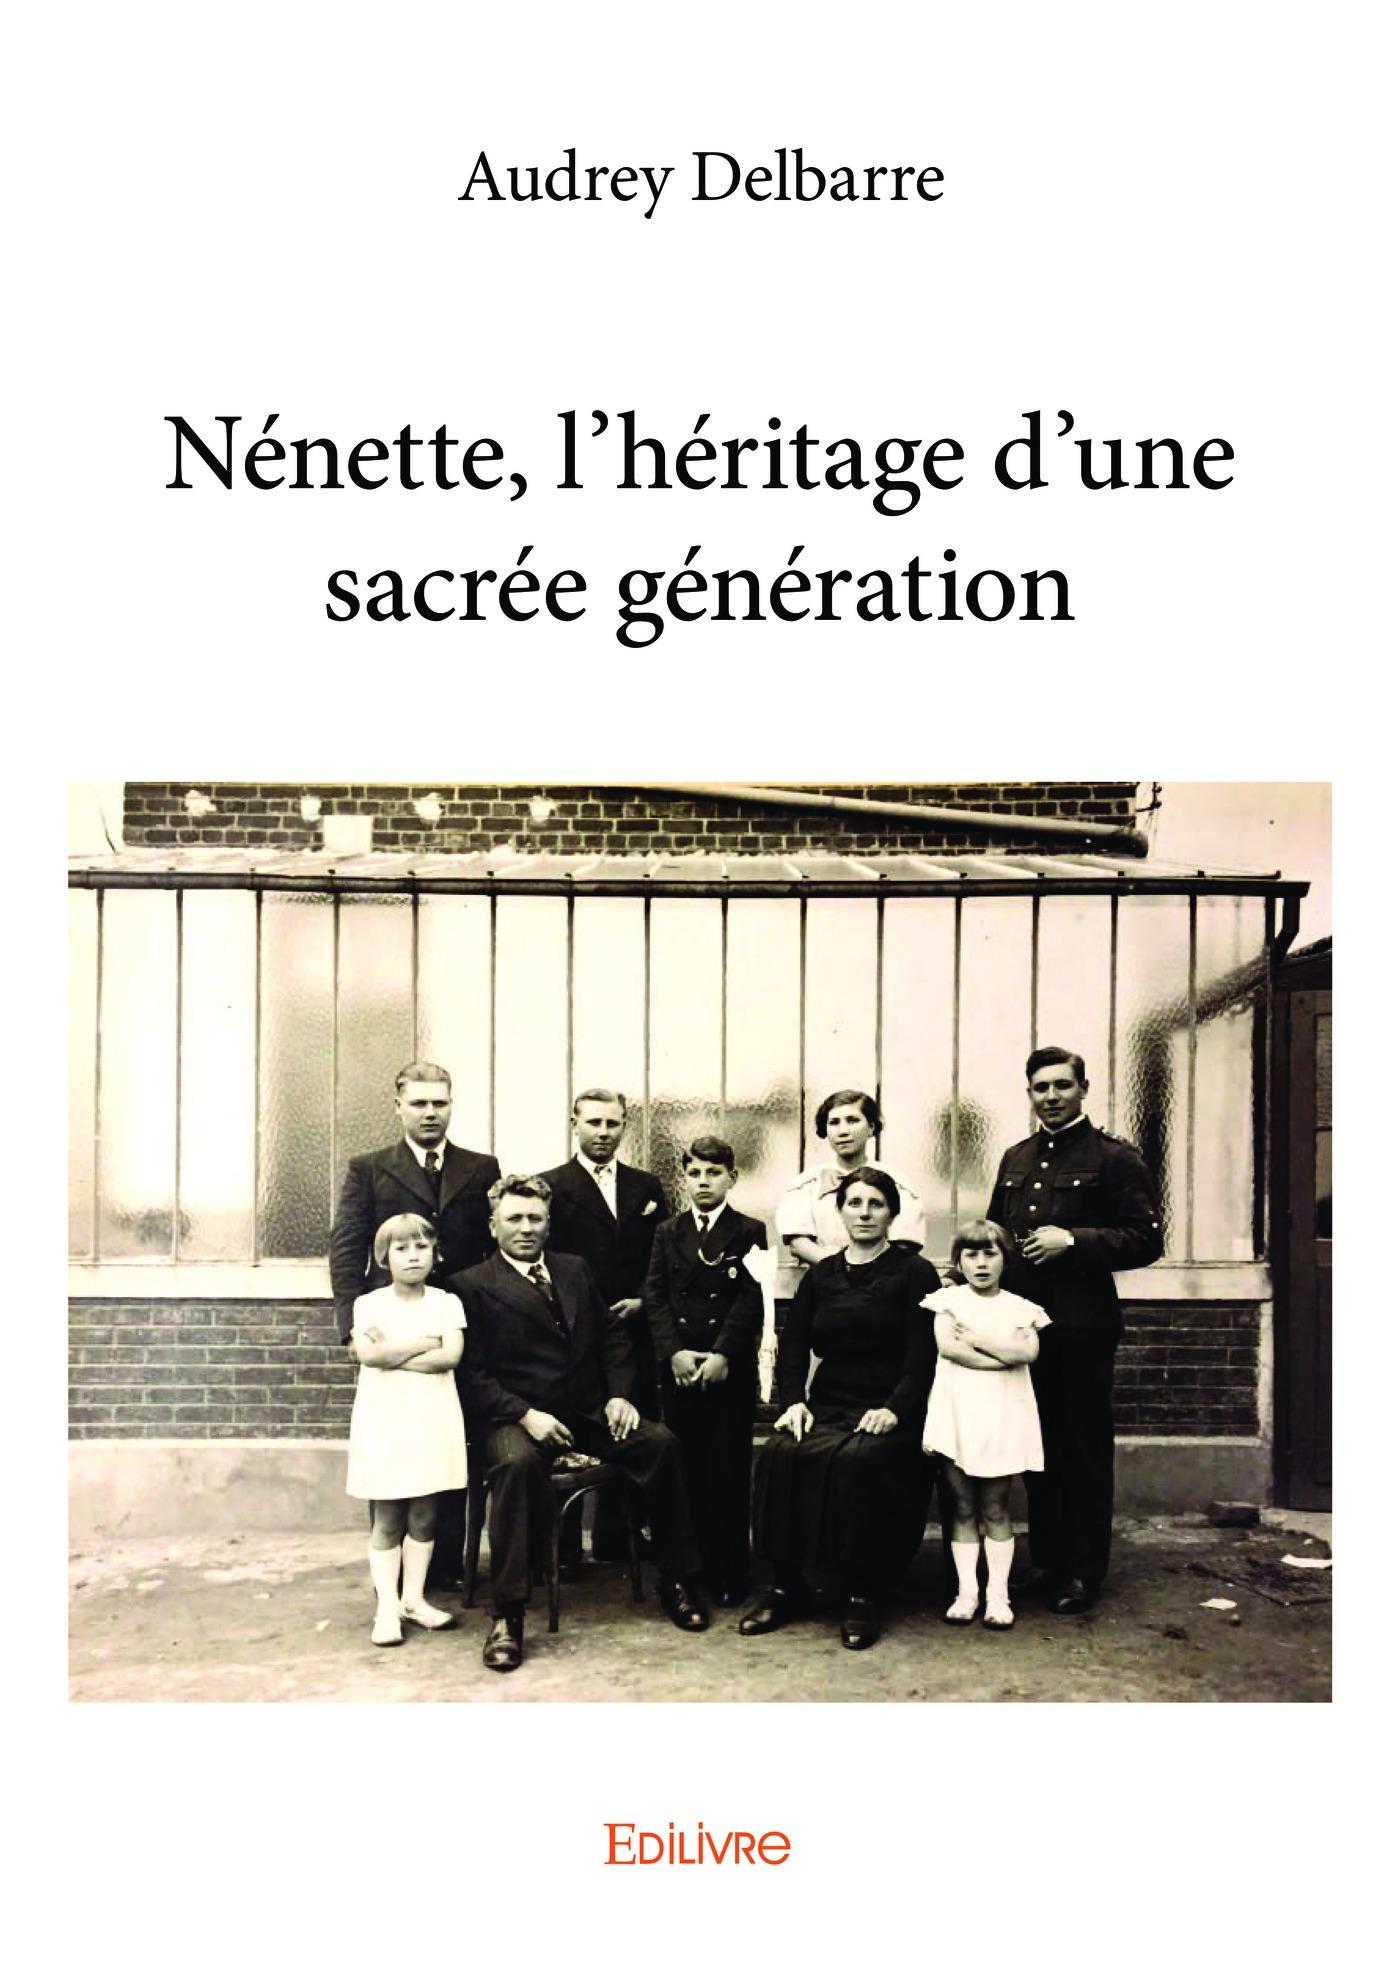 Nénette, l'héritage d'une sacrée génération